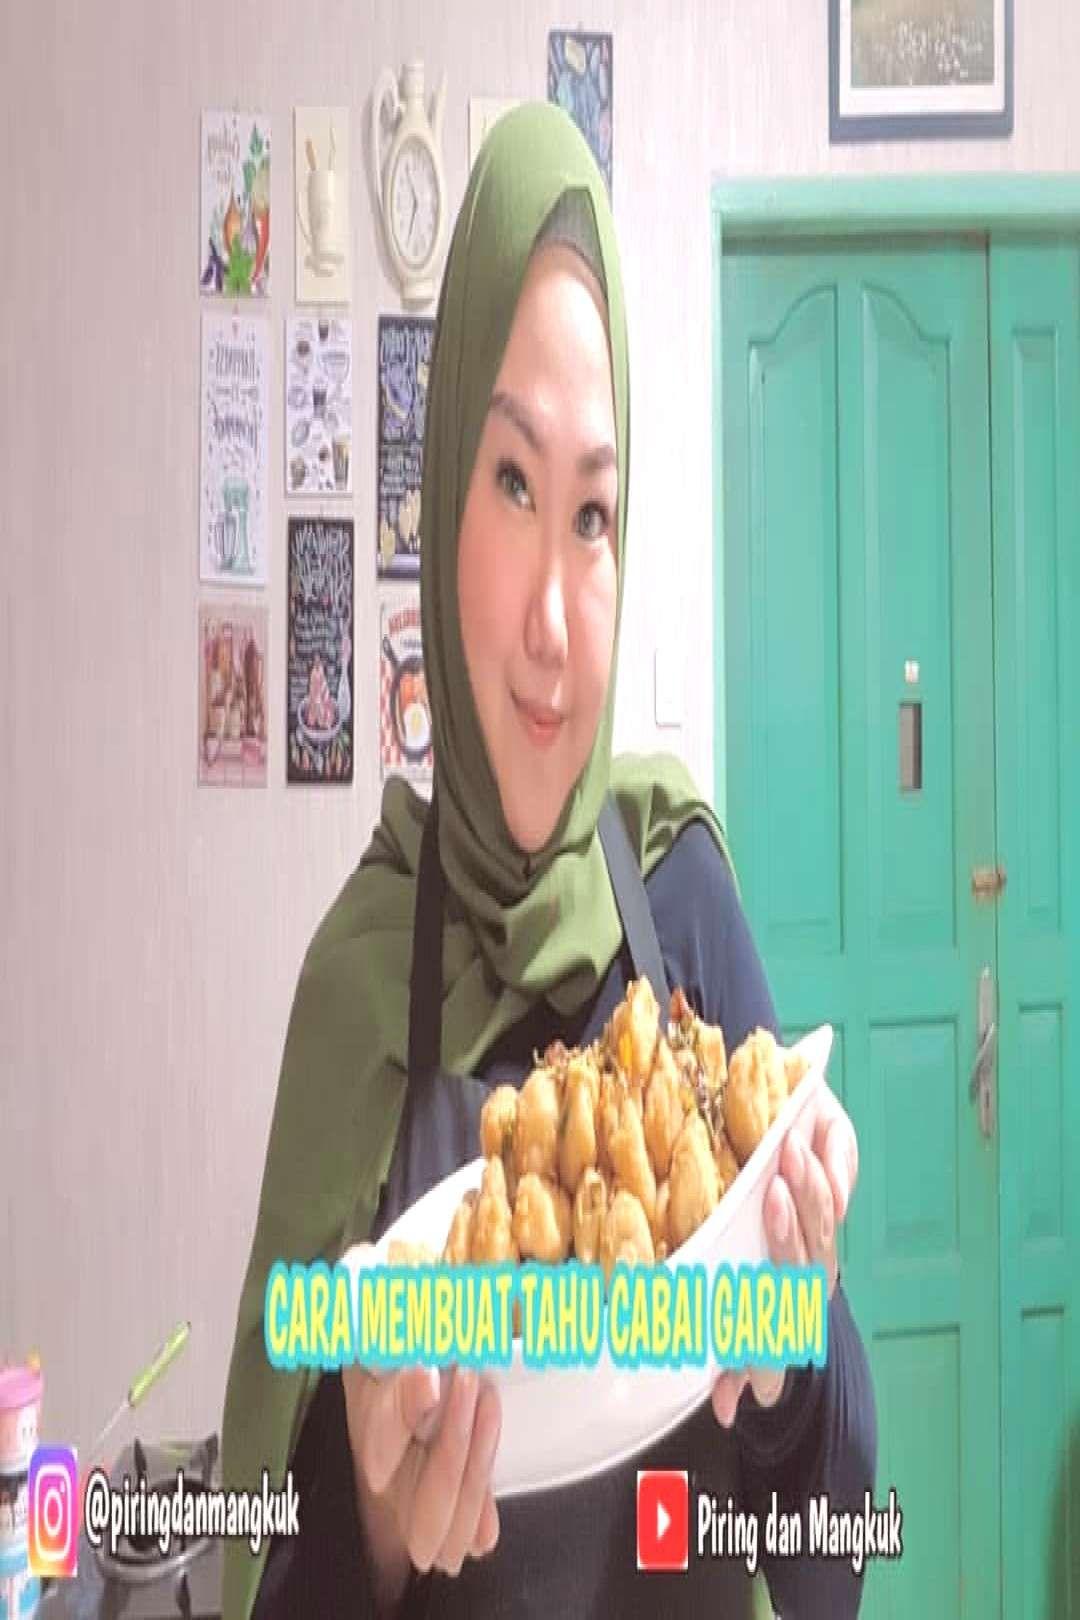 Persontext Kirakira Favorit Selalu Murah Menu Yang Enak Jadi Food Apa Sih Dan And 1 Kira Kira Menu Apa Sih Yang In 2020 Indonesian Food High Chair Decor